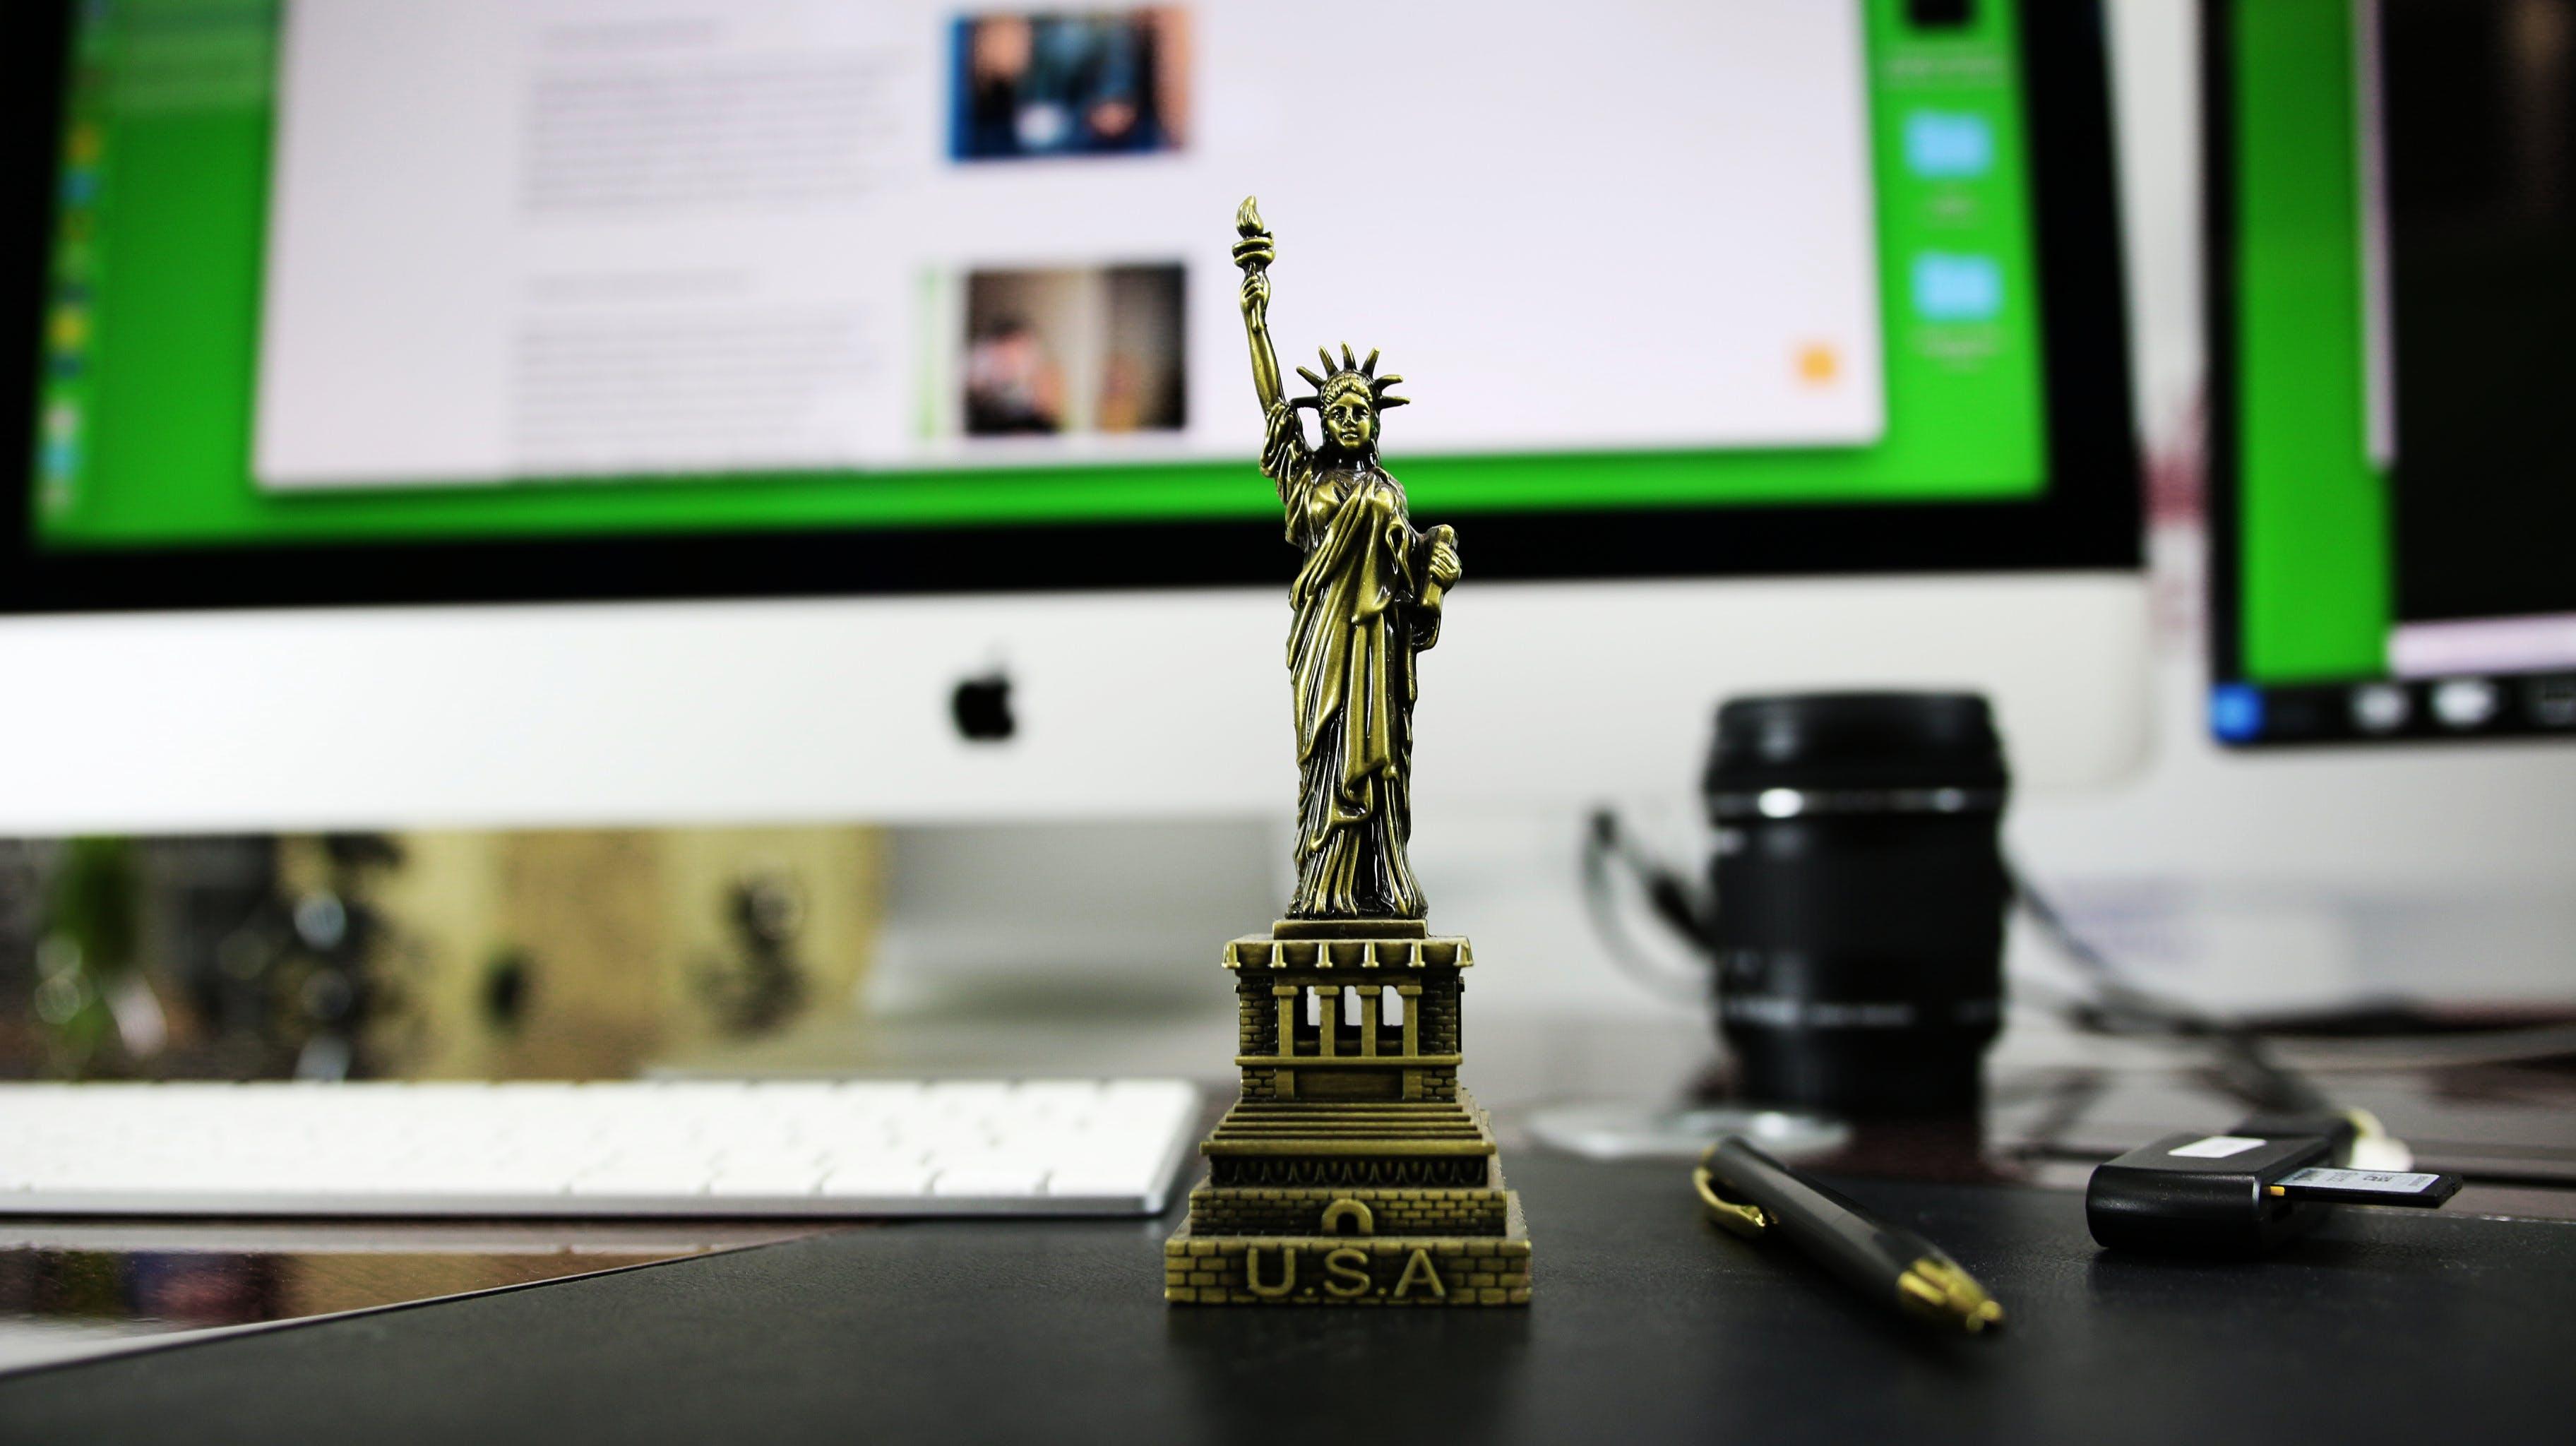 アメリカ, アメリカ合衆国, カメラ, カメラ機器の無料の写真素材